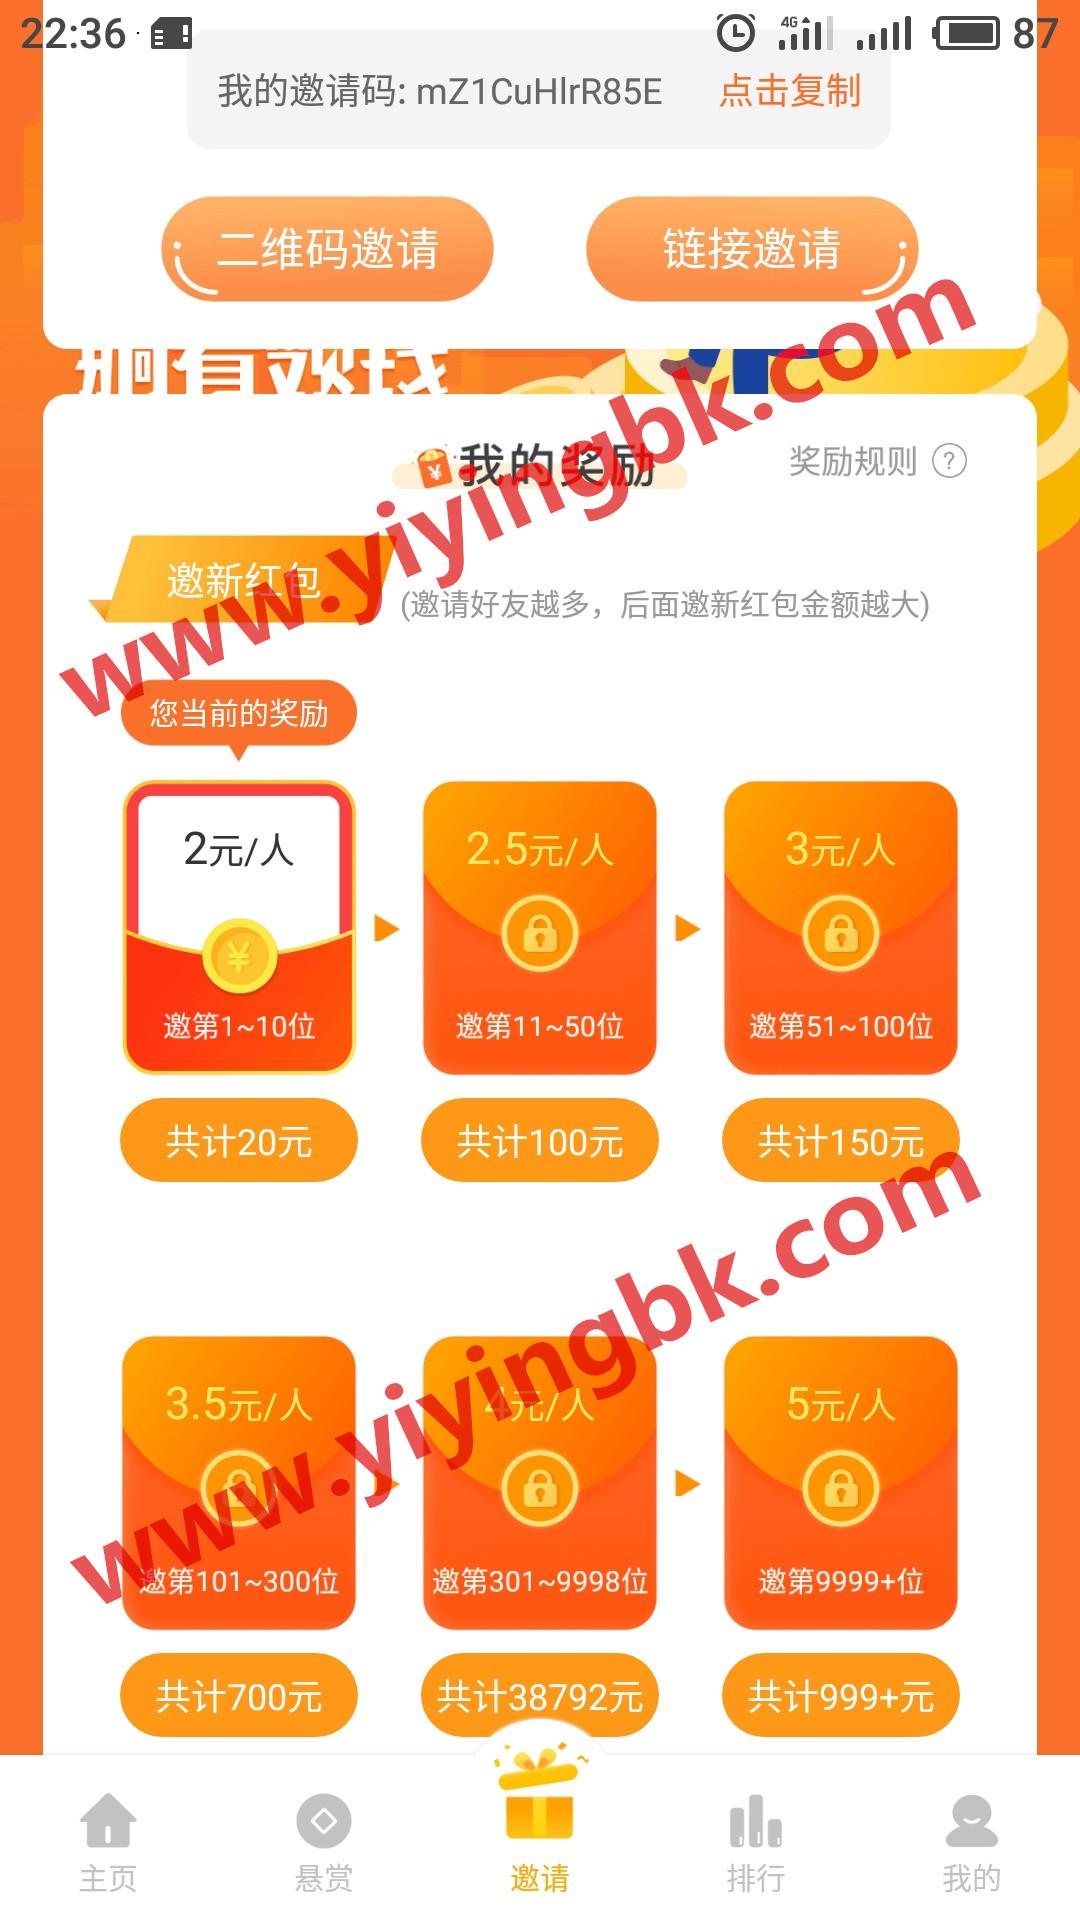 邀请好友奖励,每邀请一个好友奖励2~5元+好友做任务提成奖励。www.yiyingbk.com